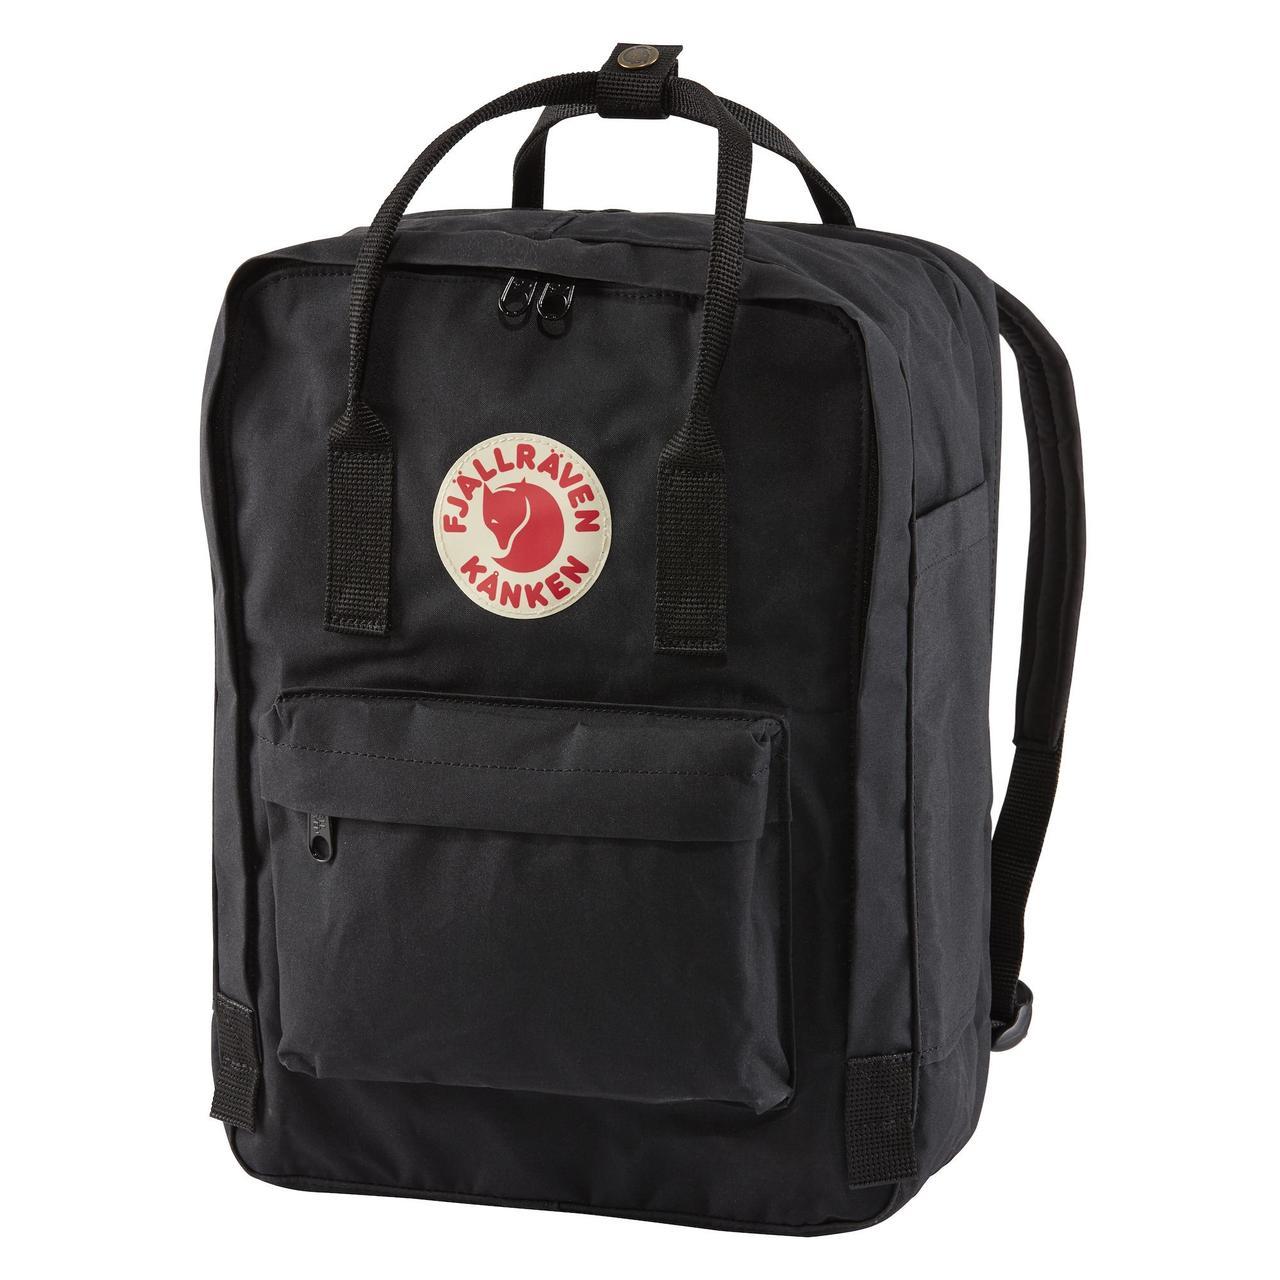 Шведский рюкзак Fjallraven Kanken Classic 16л, унисекс, разные цвета,для школы сумка портфель